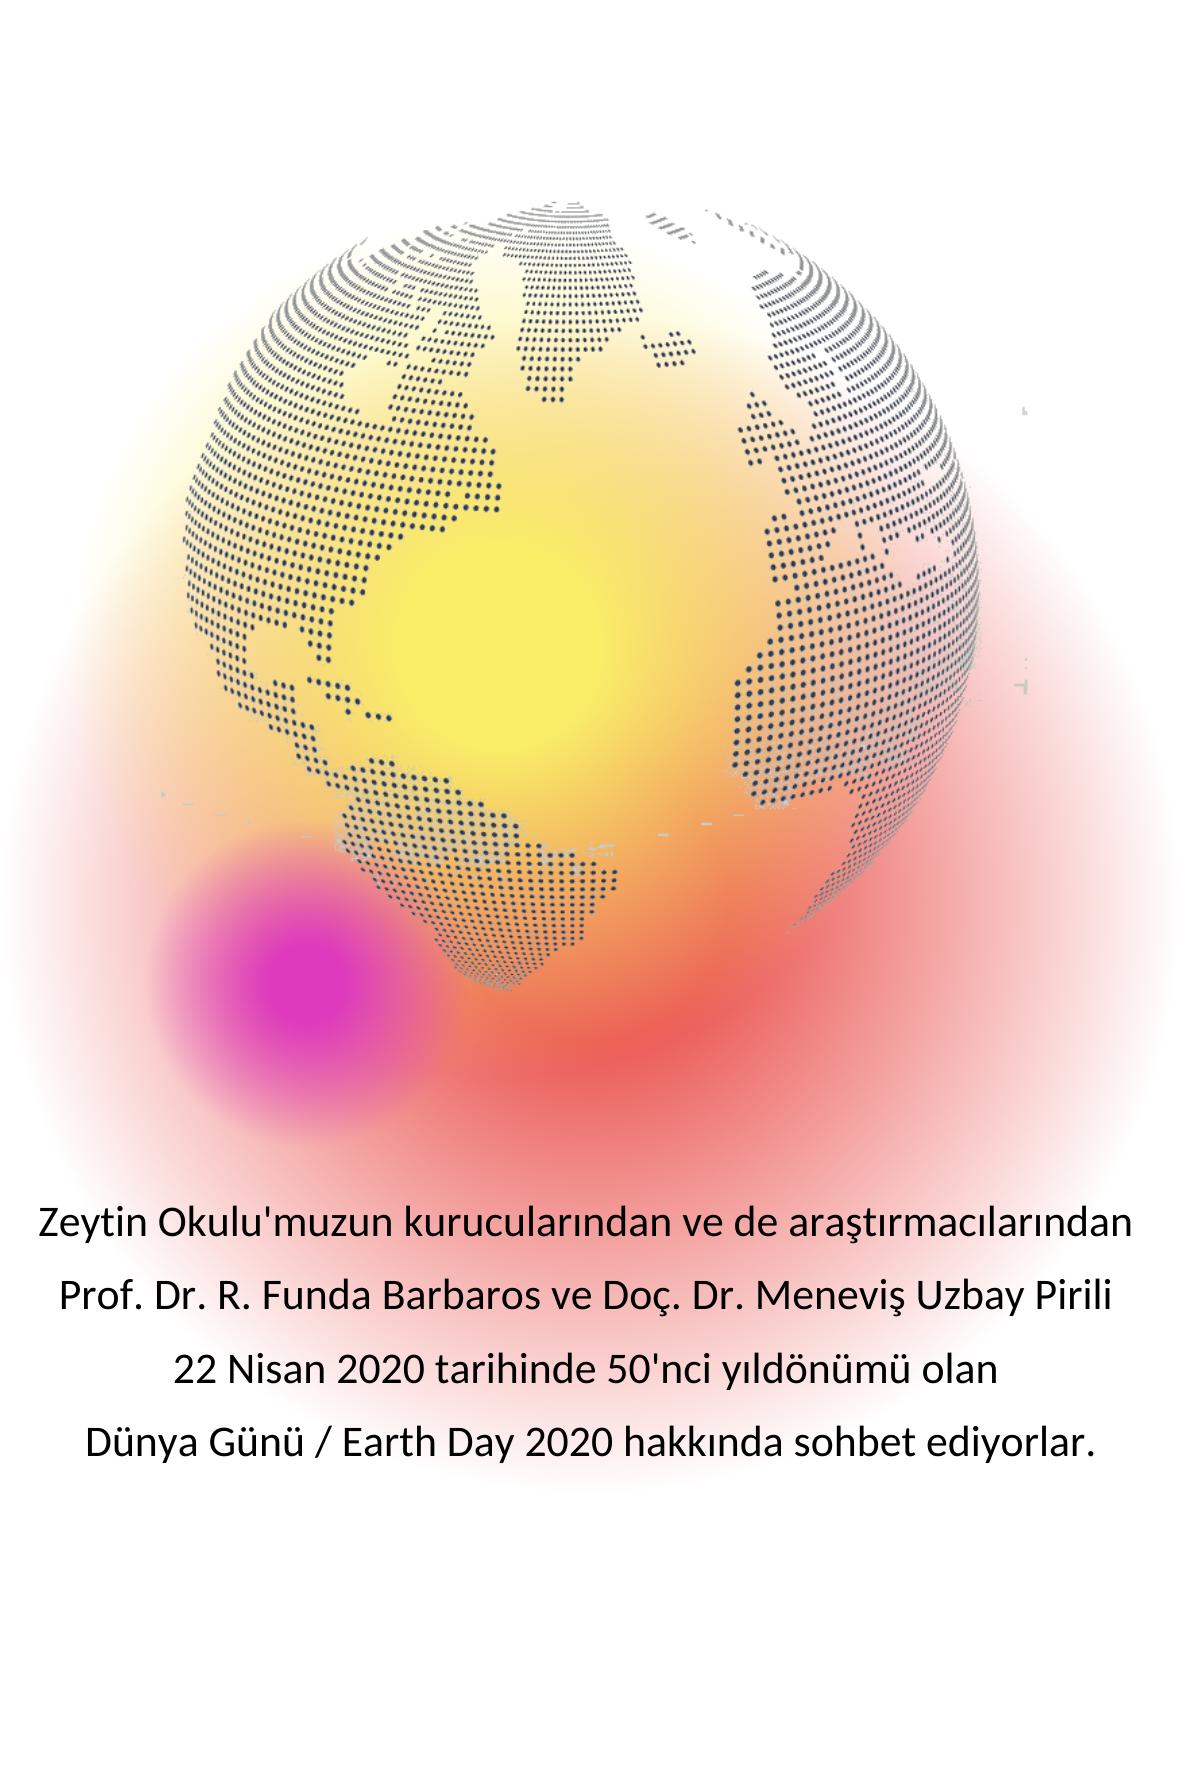 Funda Hoca ile Meneviş Hocanın sohbetlerini izah eden afiş görseli